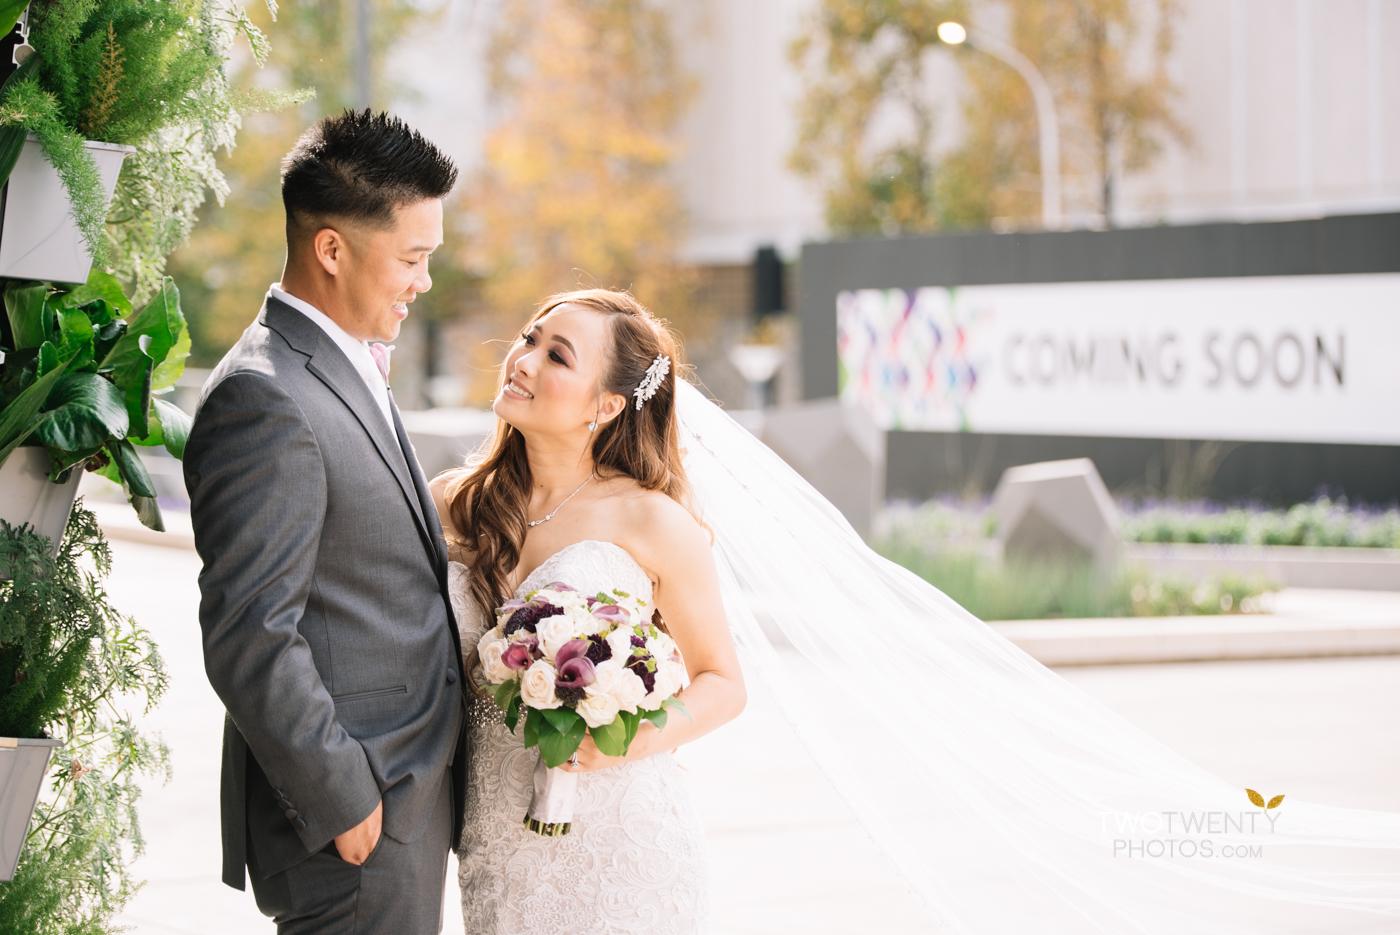 golden1-sacramento-kings-arena-wedding-photographer-20